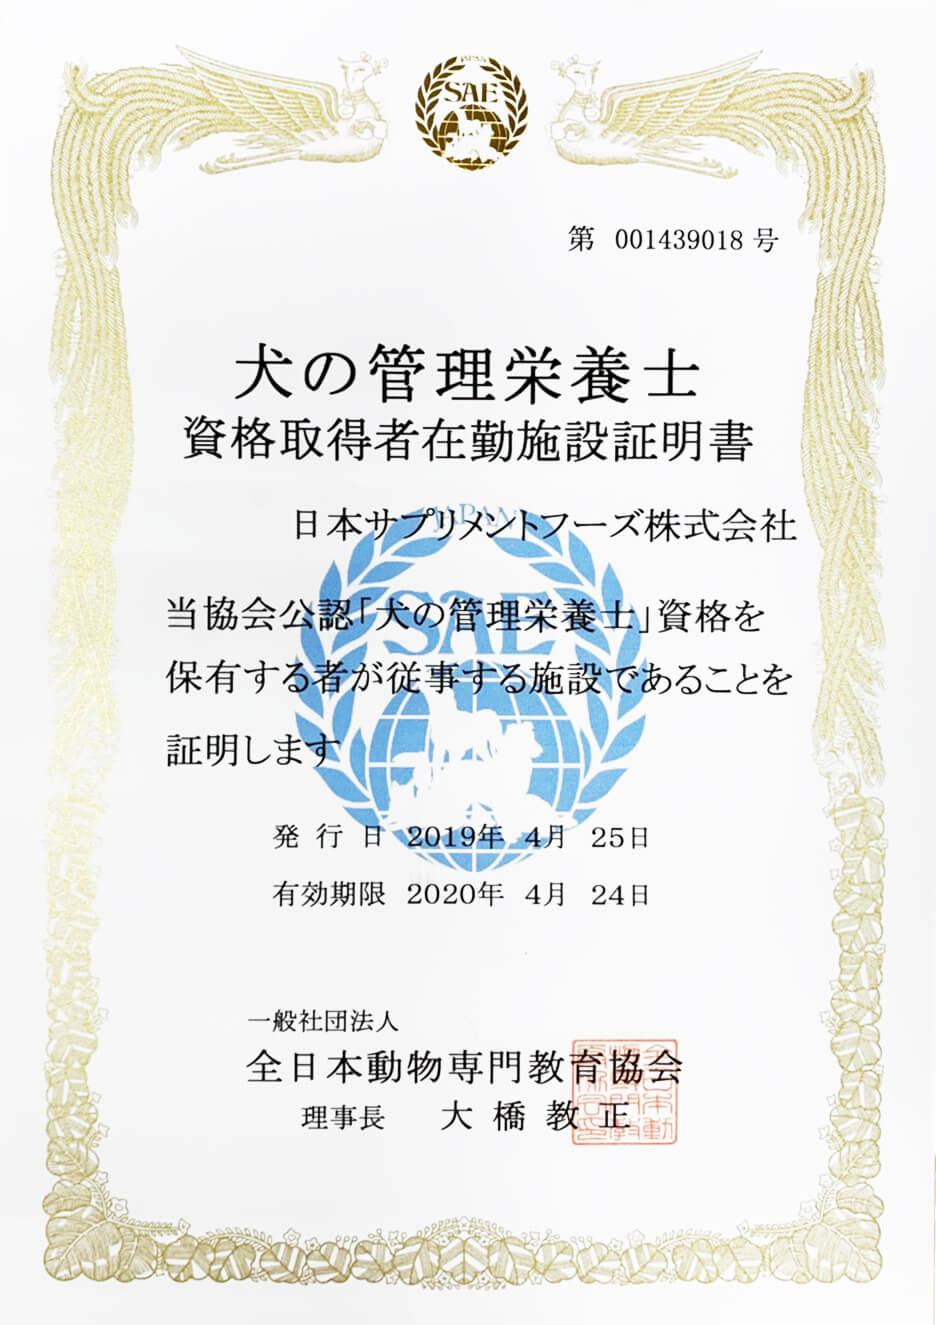 「犬の管理栄養士」資格取得者在勤施設証明書